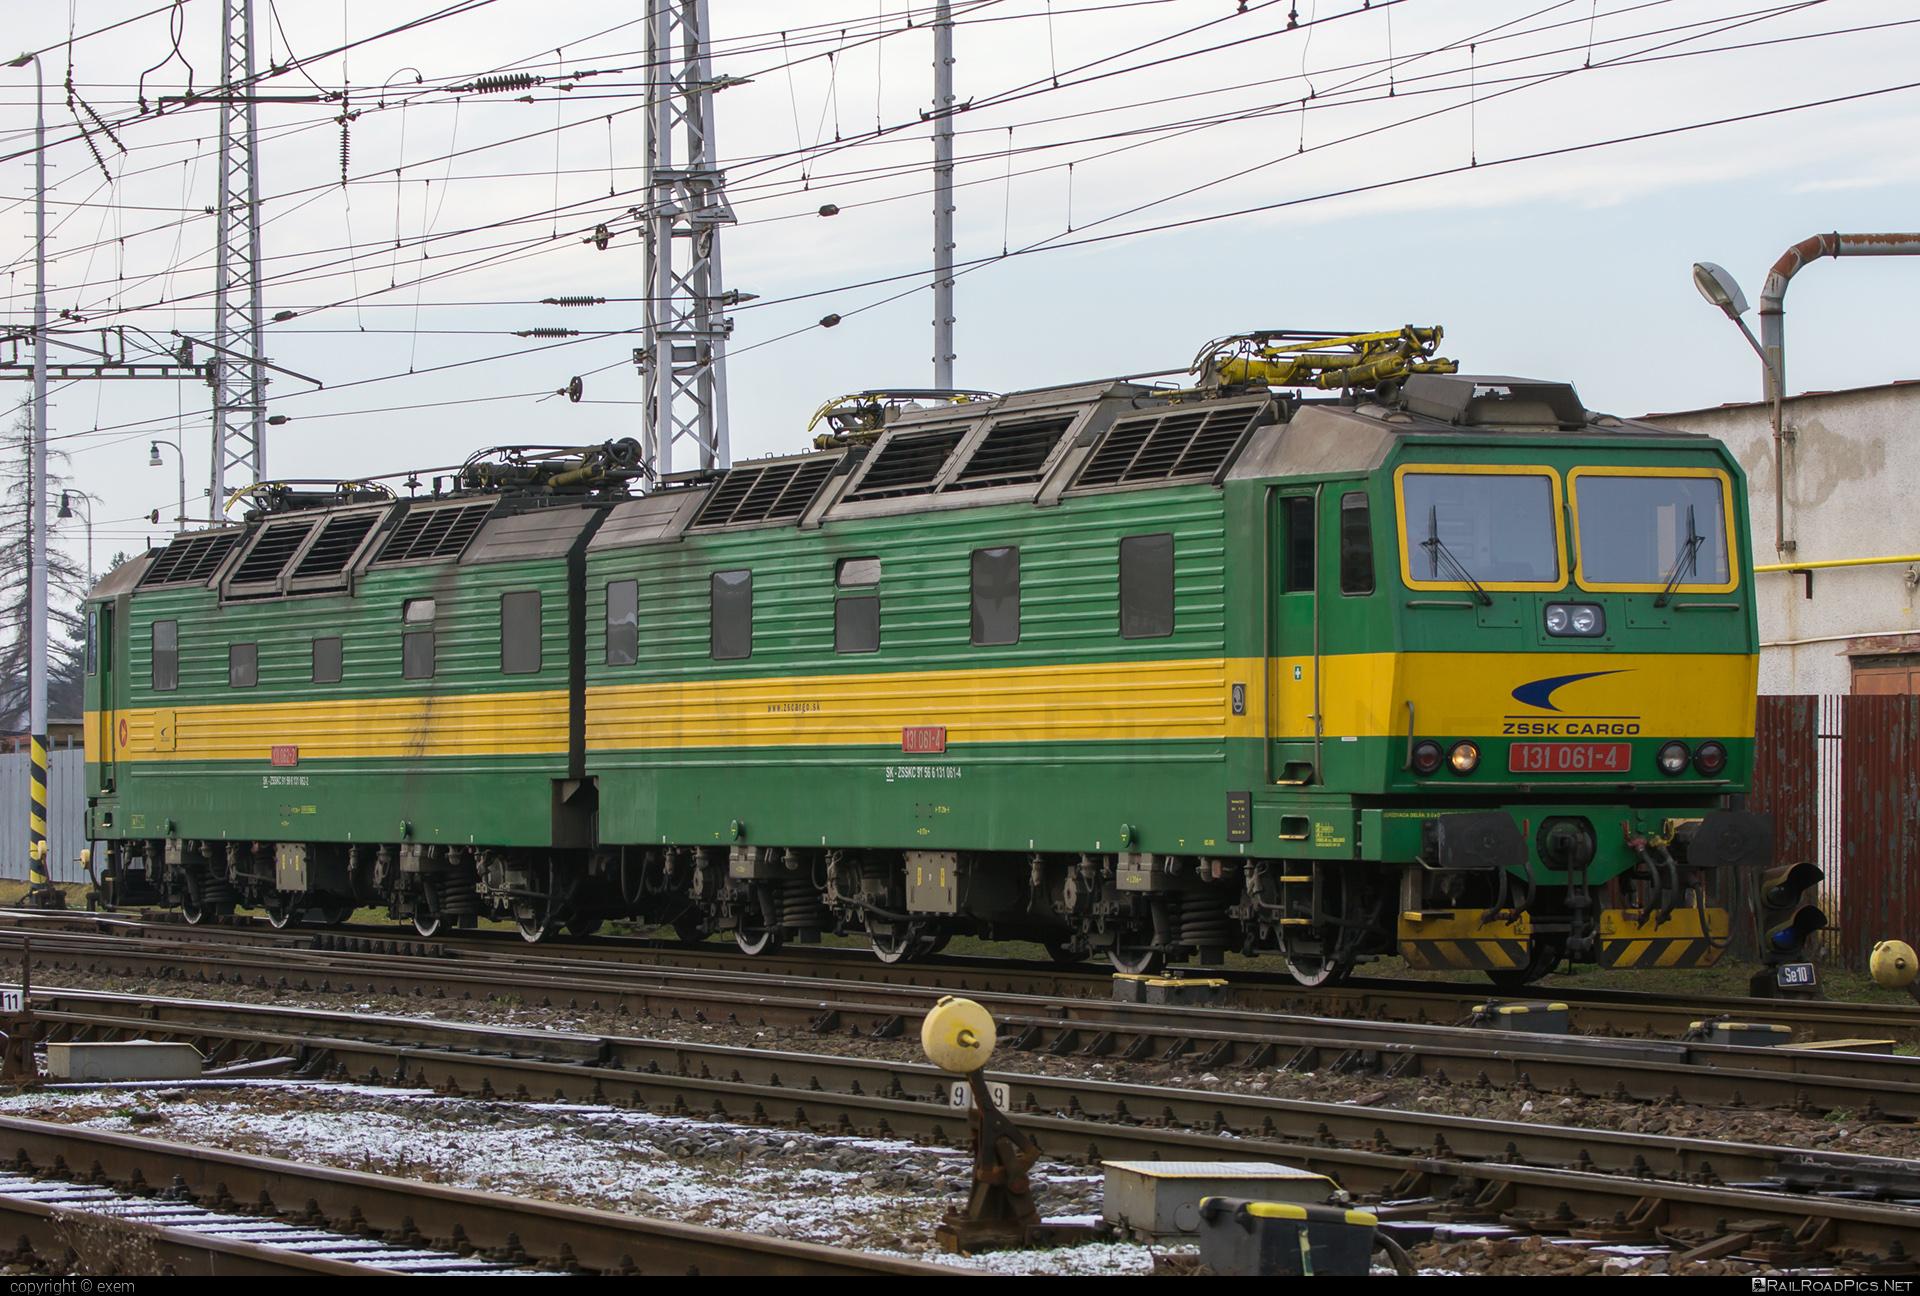 Škoda 58E - 131 061-4 operated by Železničná Spoločnost' Cargo Slovakia a.s. #ZeleznicnaSpolocnostCargoSlovakia #e4791 #locomotive131 #skoda #skoda58e #zsskcargo